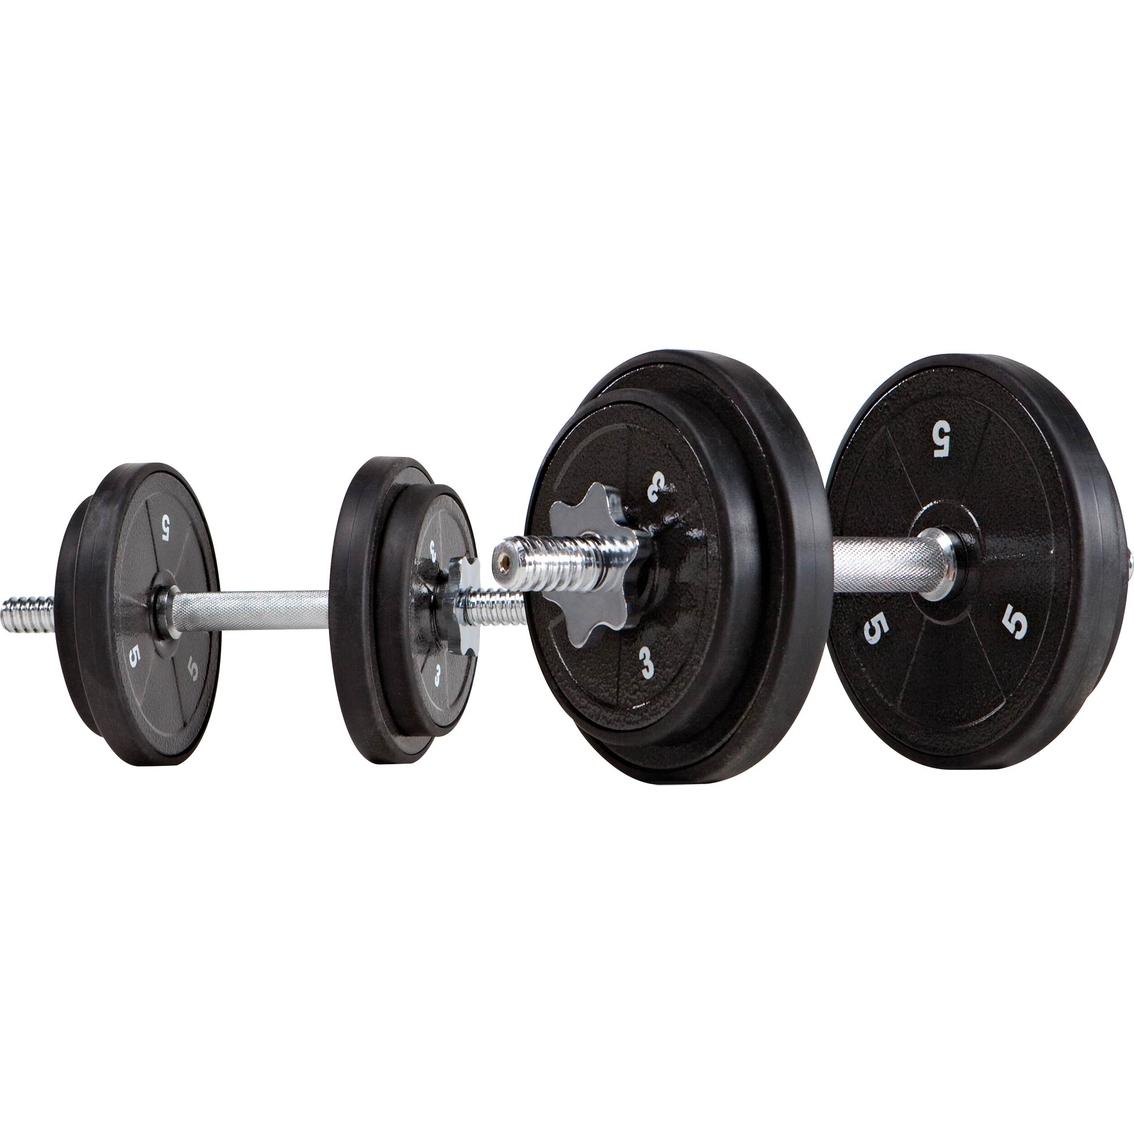 100 Lb Adjustable Dumbbell Set: Marcy 40 Lb. Adjustable Dumbbell Set, Ads 42